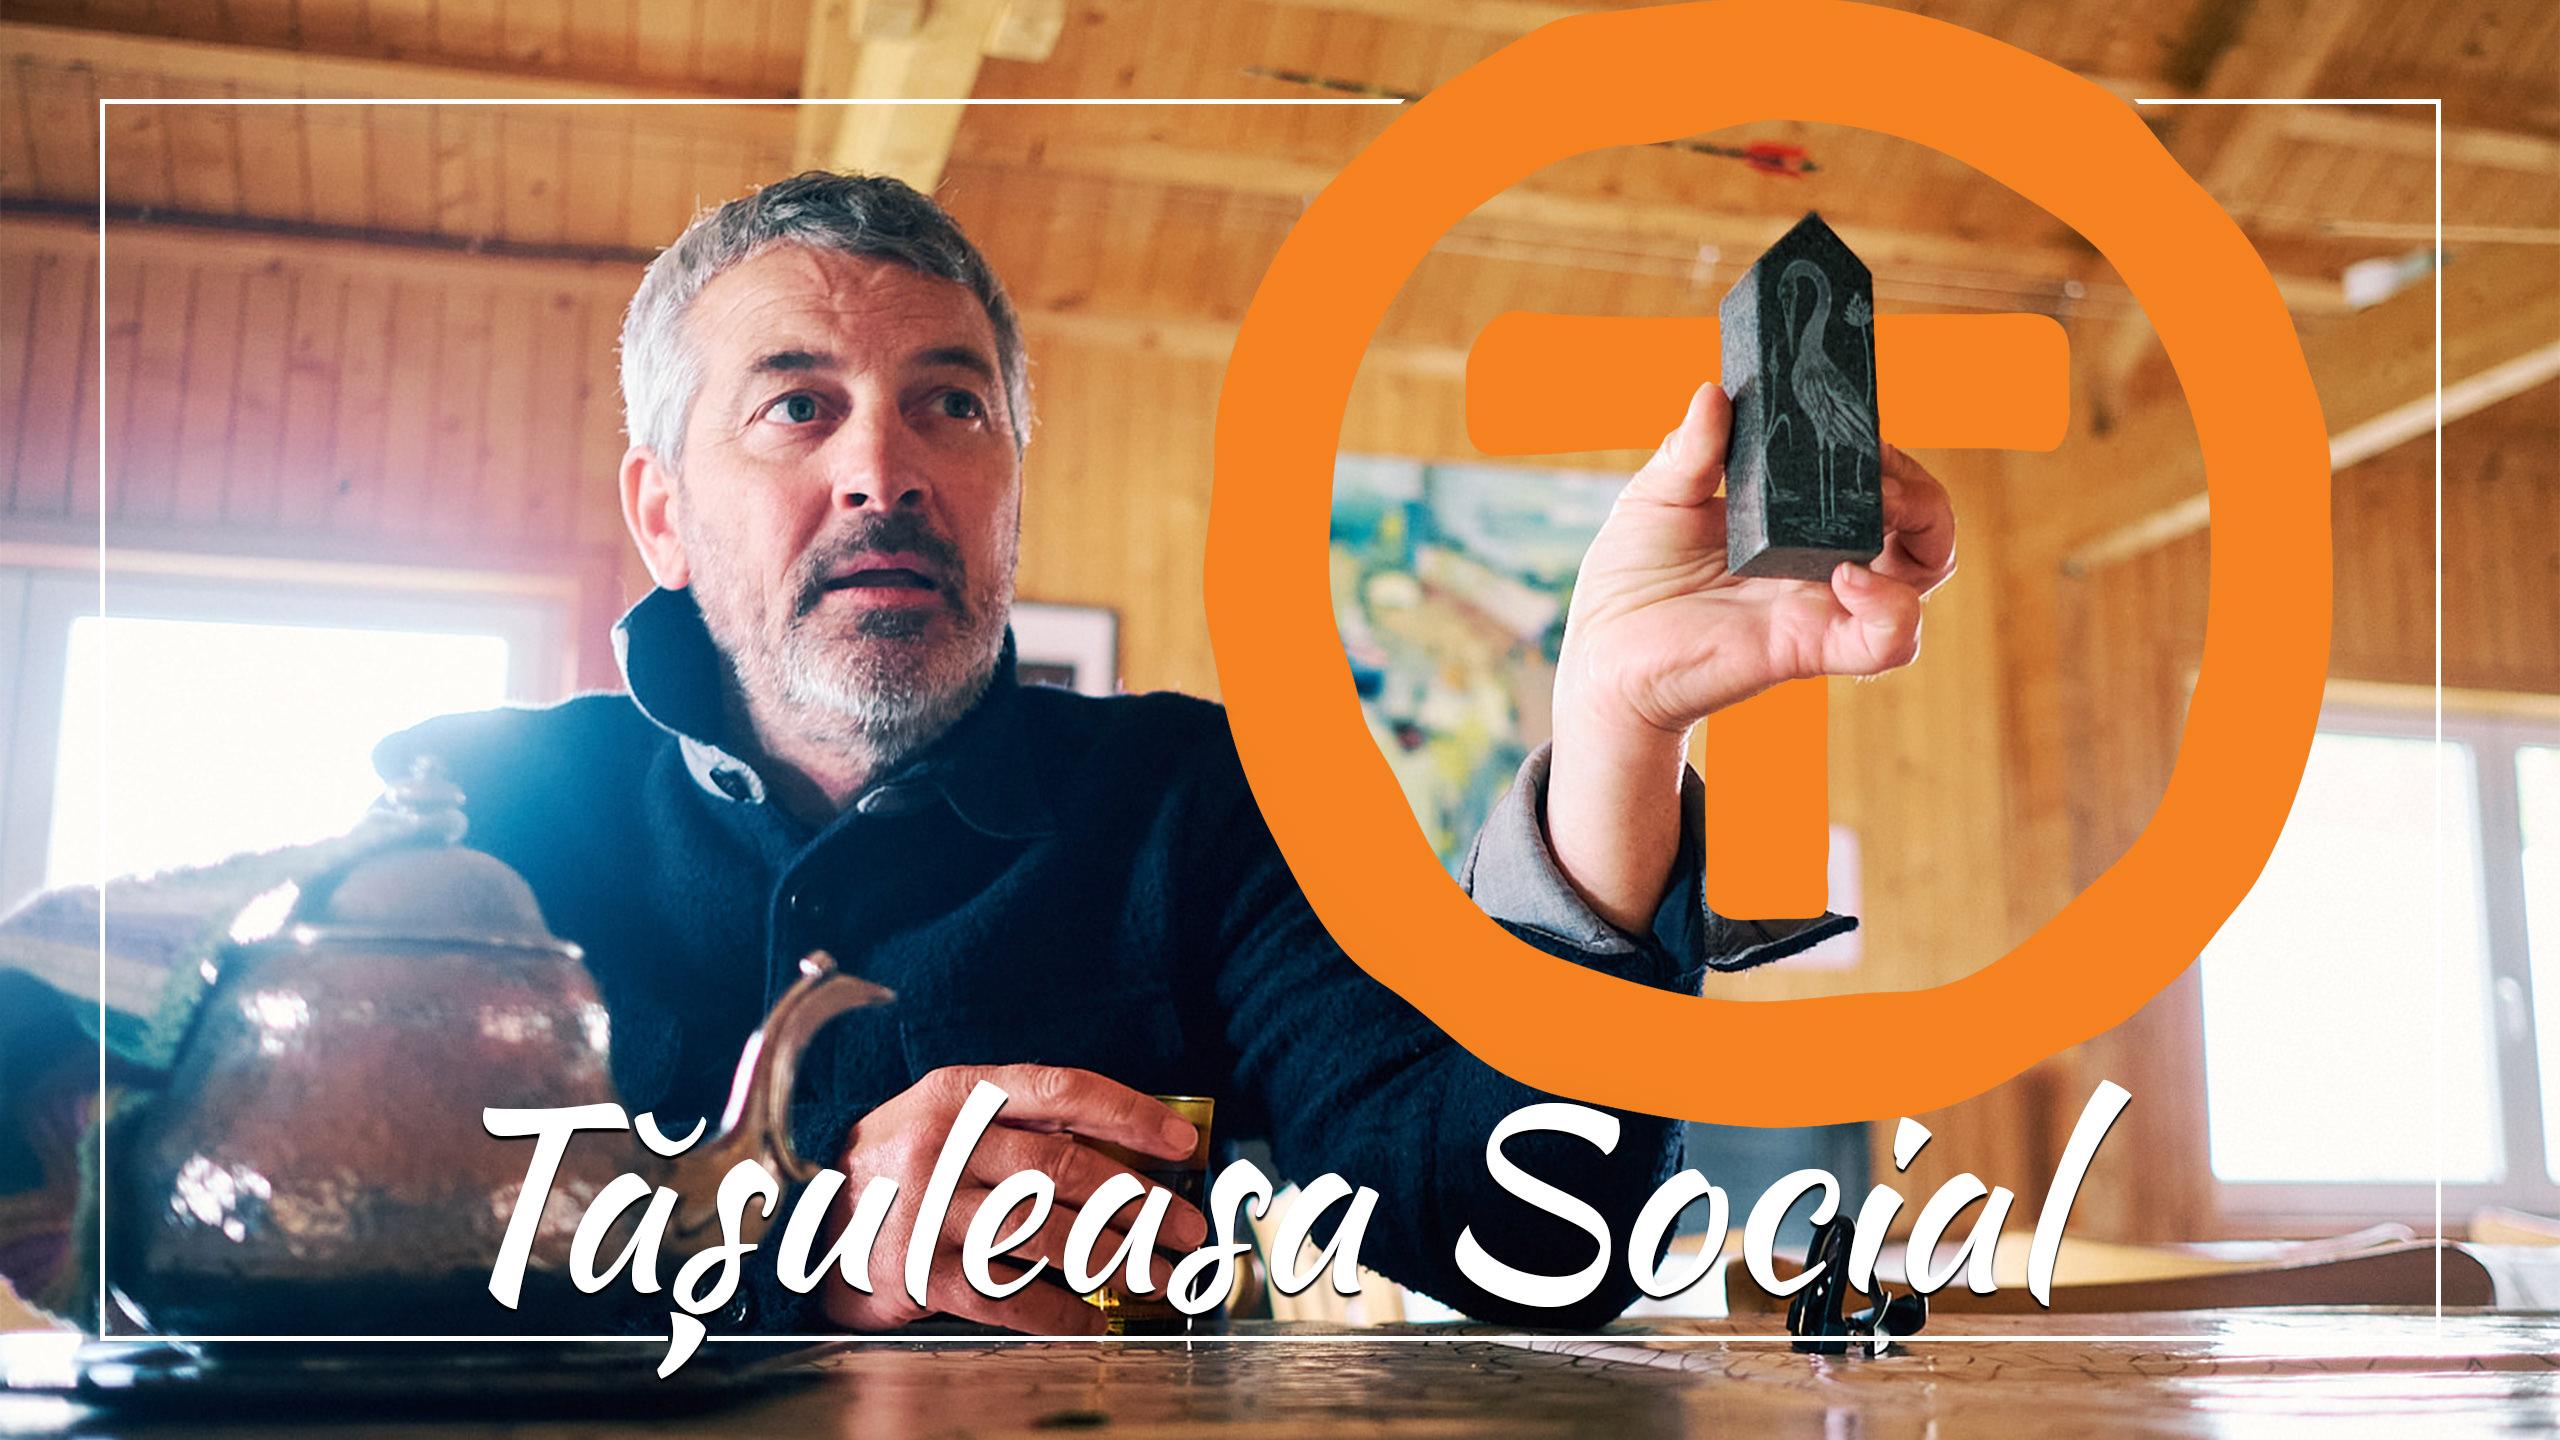 #34 Via Transilvanica – Tășuleasa Social (videoclip)